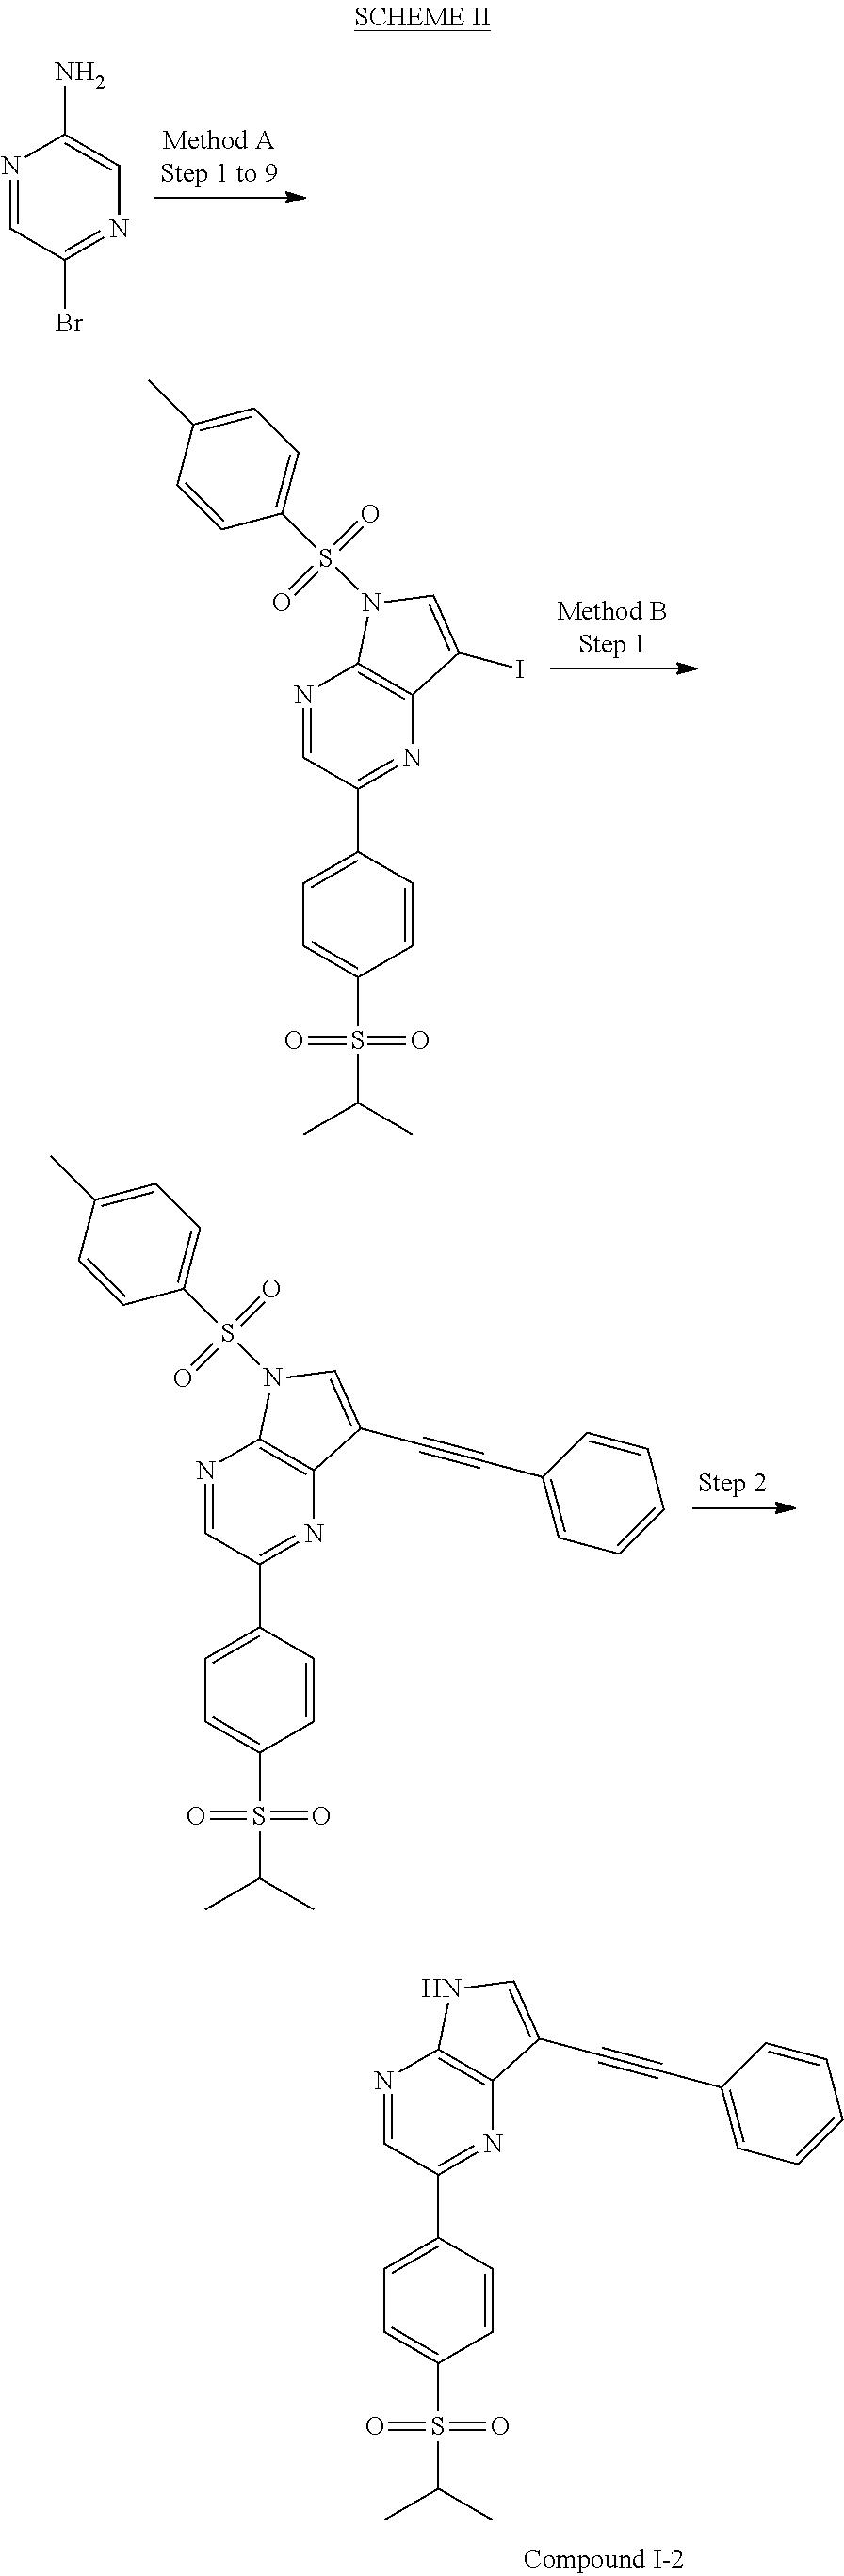 Figure US20120046295A1-20120223-C00120